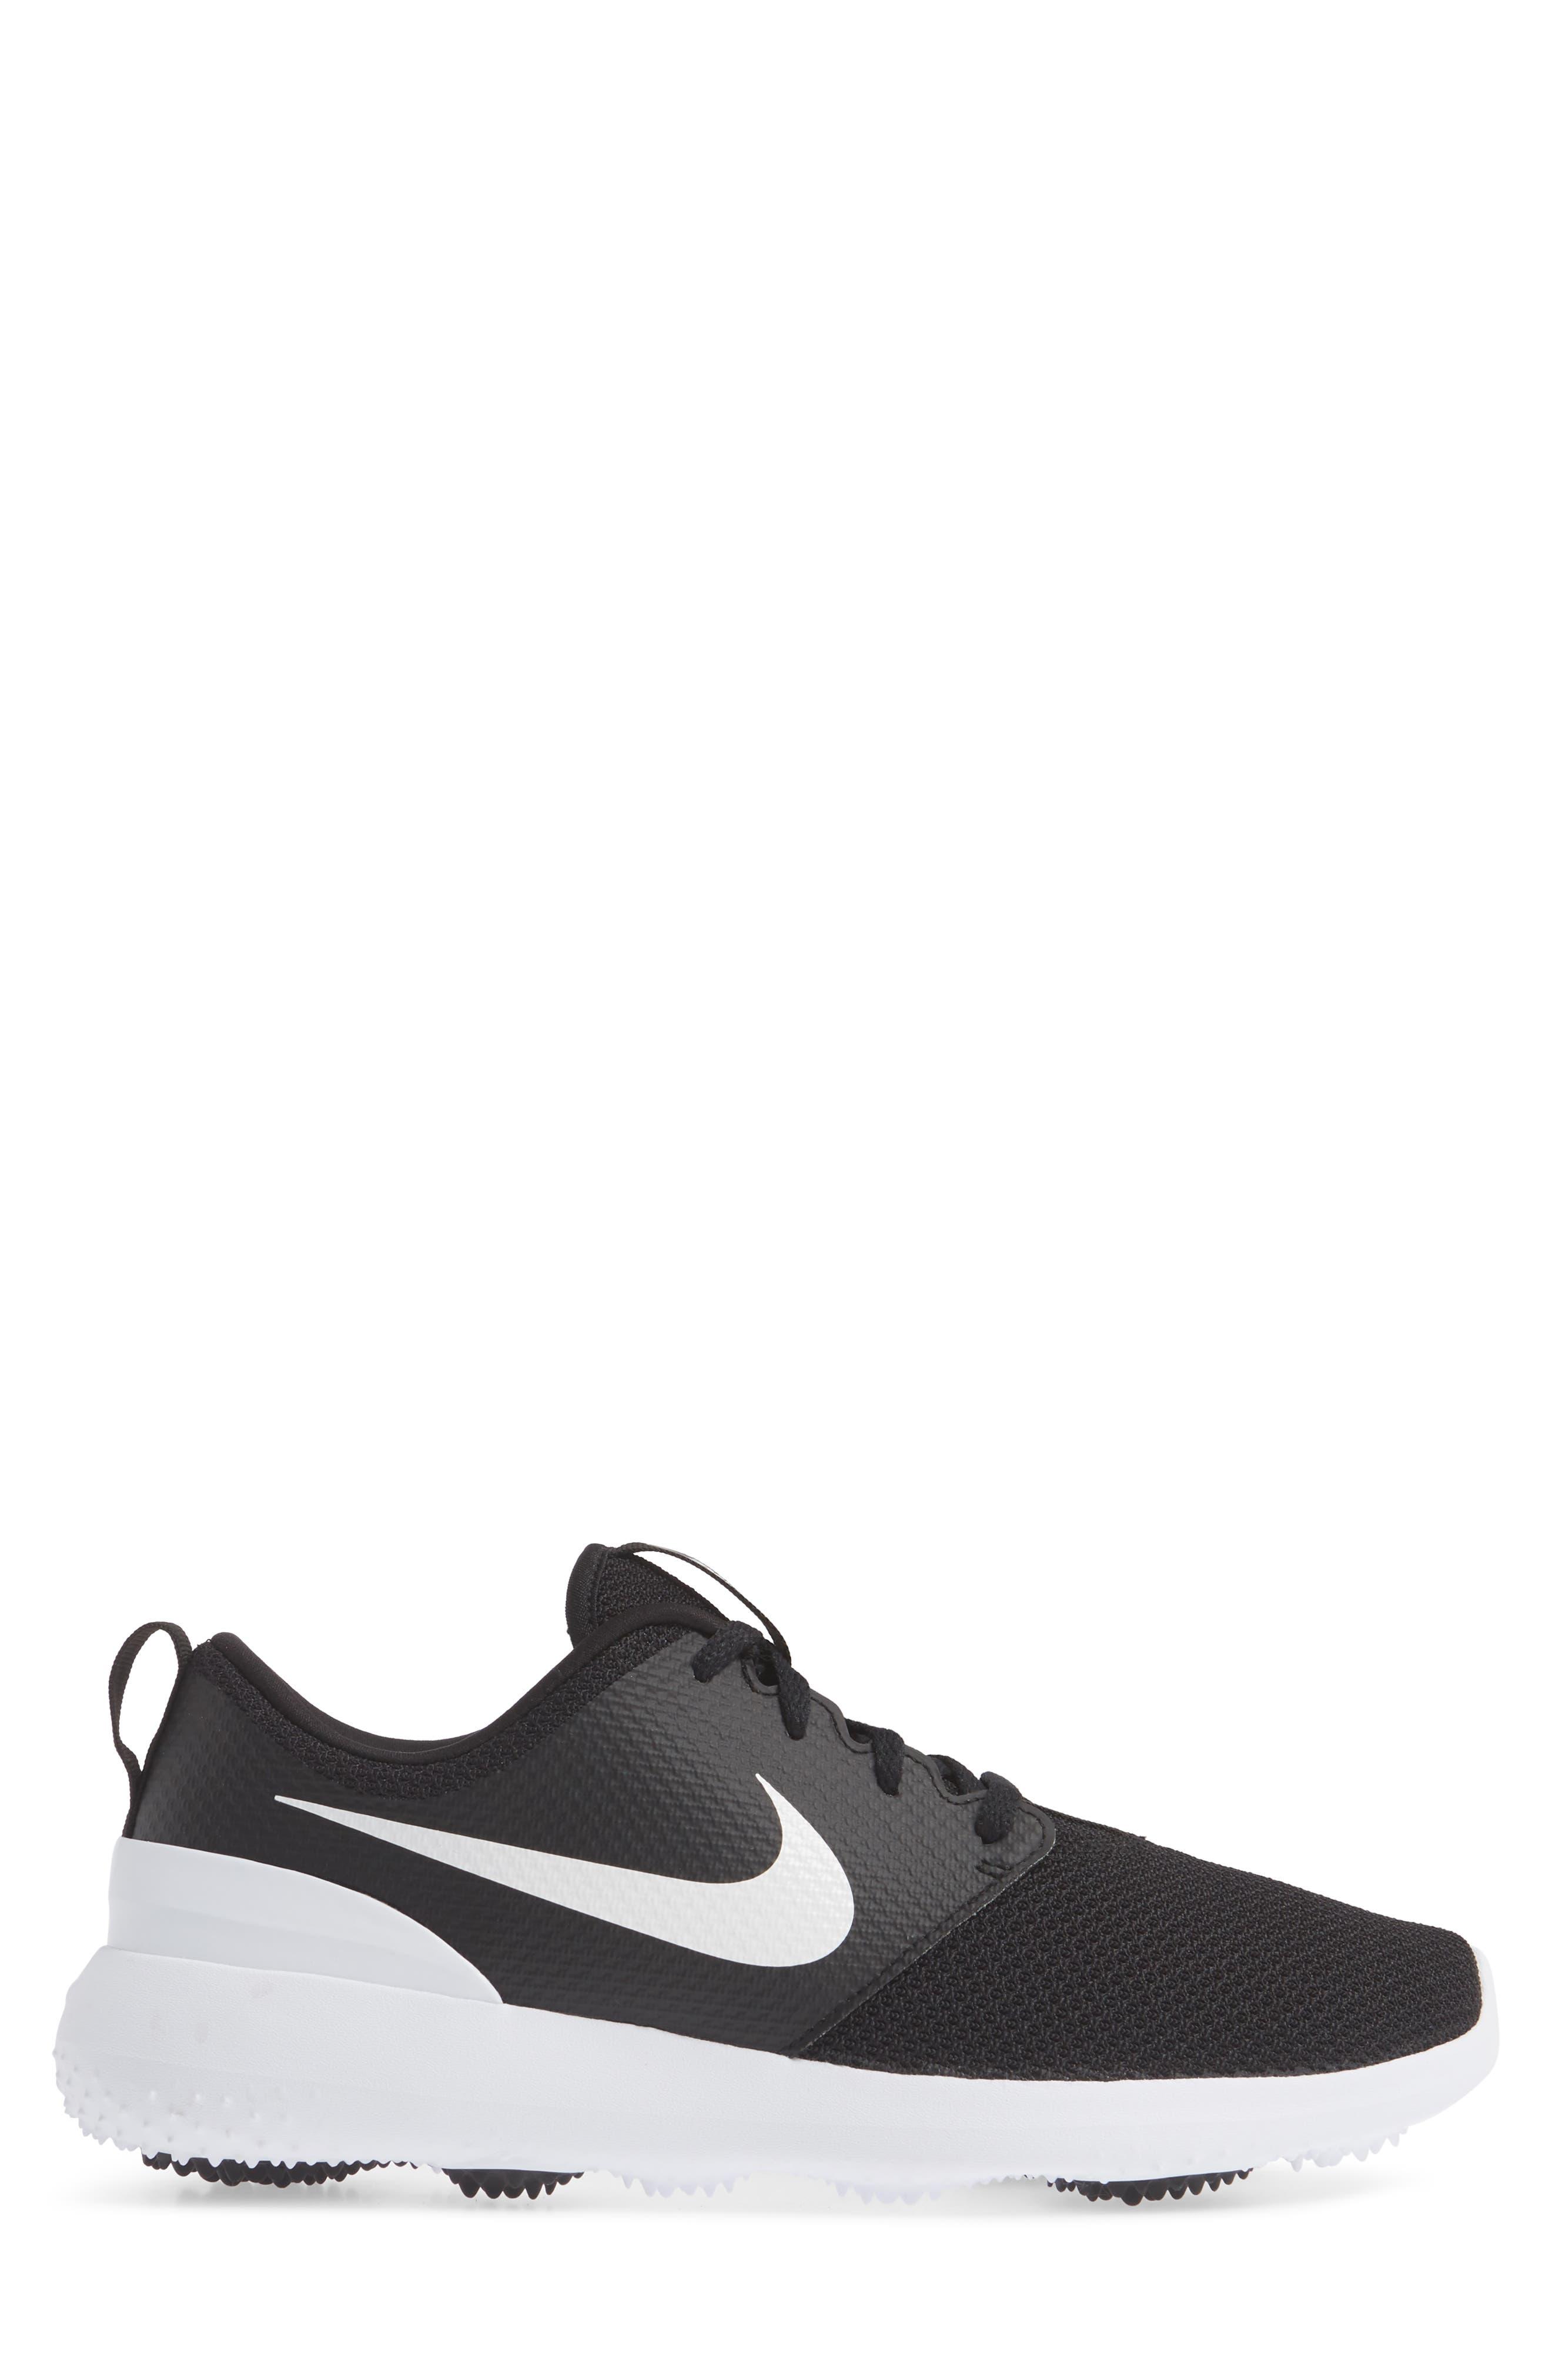 NIKE,                             Roshe Golf Shoe,                             Alternate thumbnail 3, color,                             BLACK/ WHITE